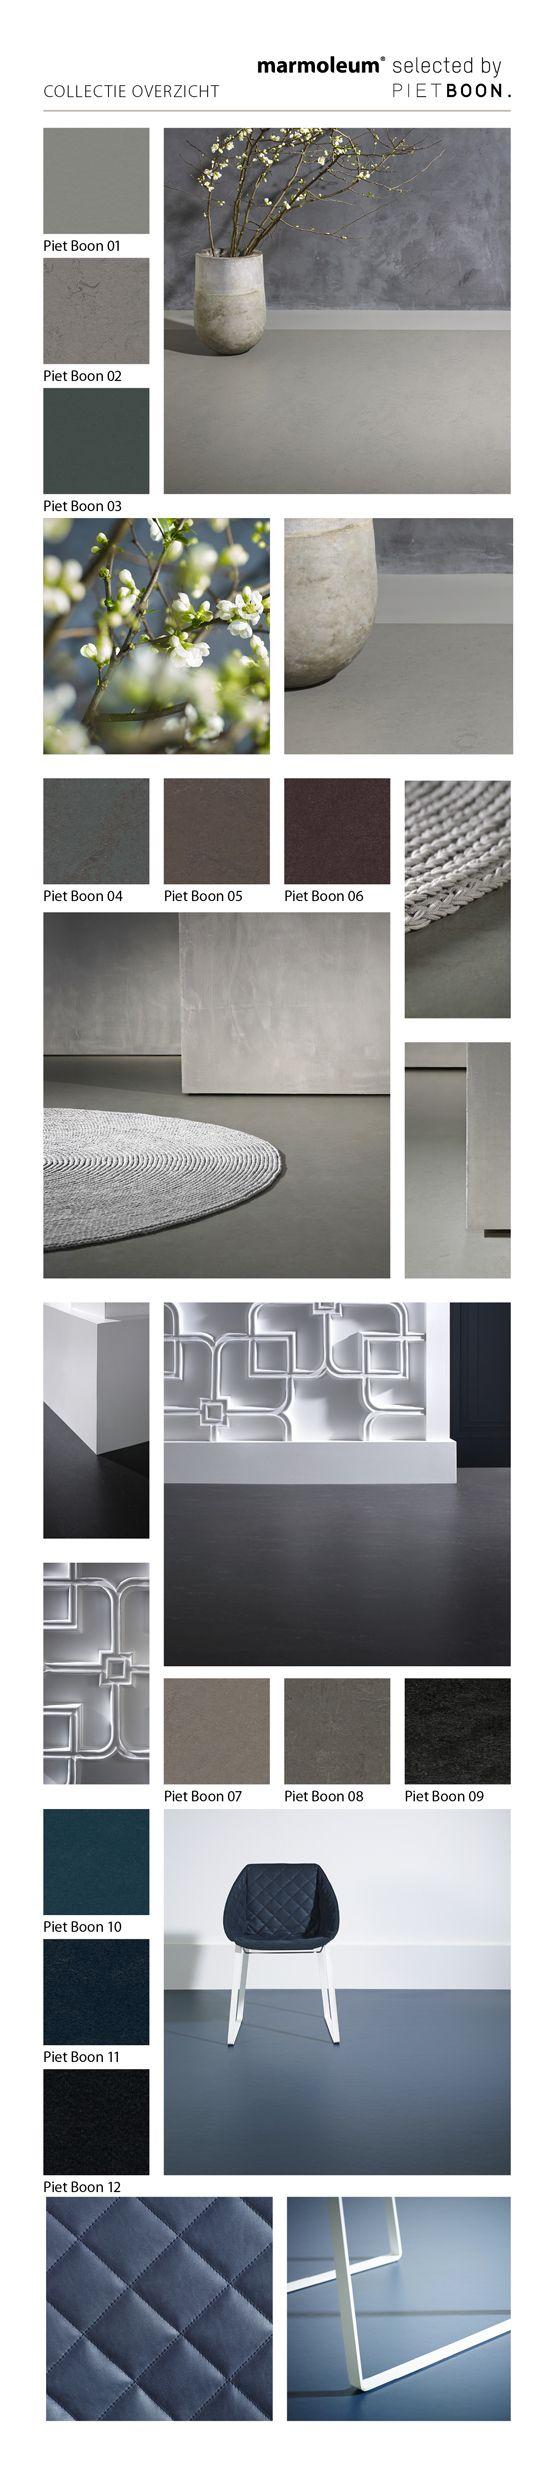 Marmoleum piet boon www.forbo-flooring.nl/Consumenten/Vloeren/Marmoleum/selected-by-Piet-Boon/